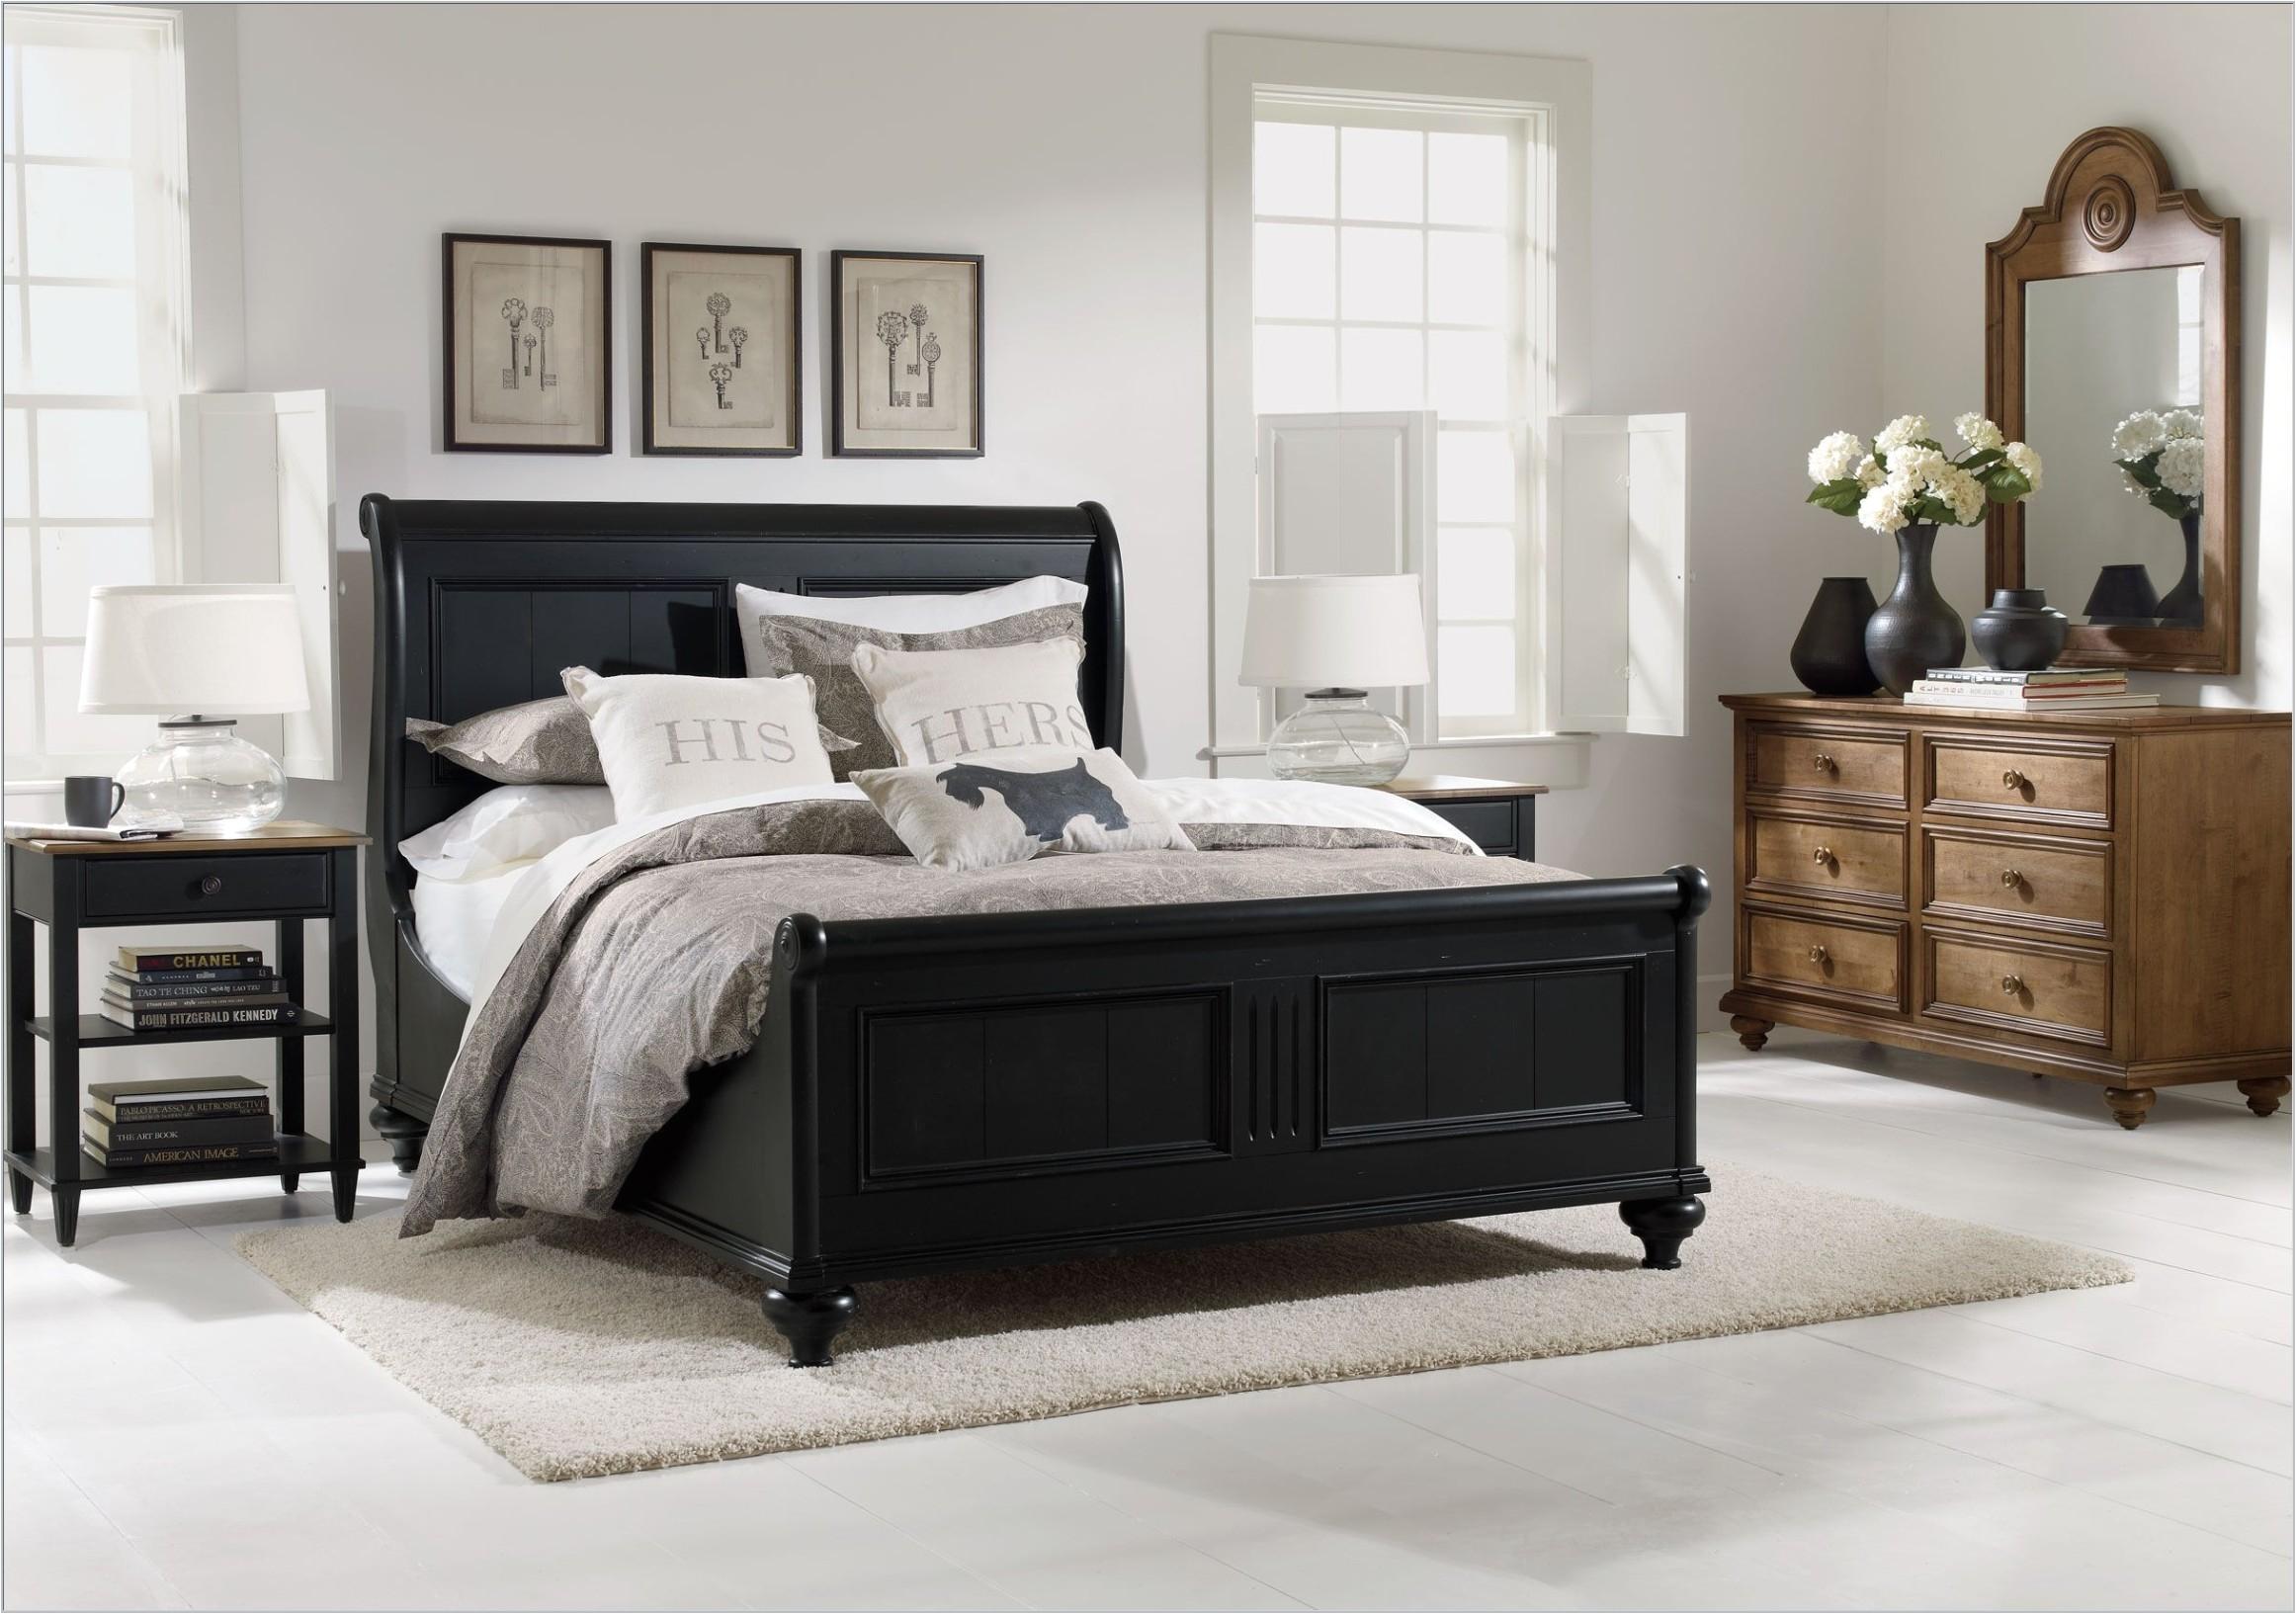 ethan allen bedroom furniture collections best ethan allen bedroom collection contemporary home design ideas - Ethan Allen Bedroom Furniture